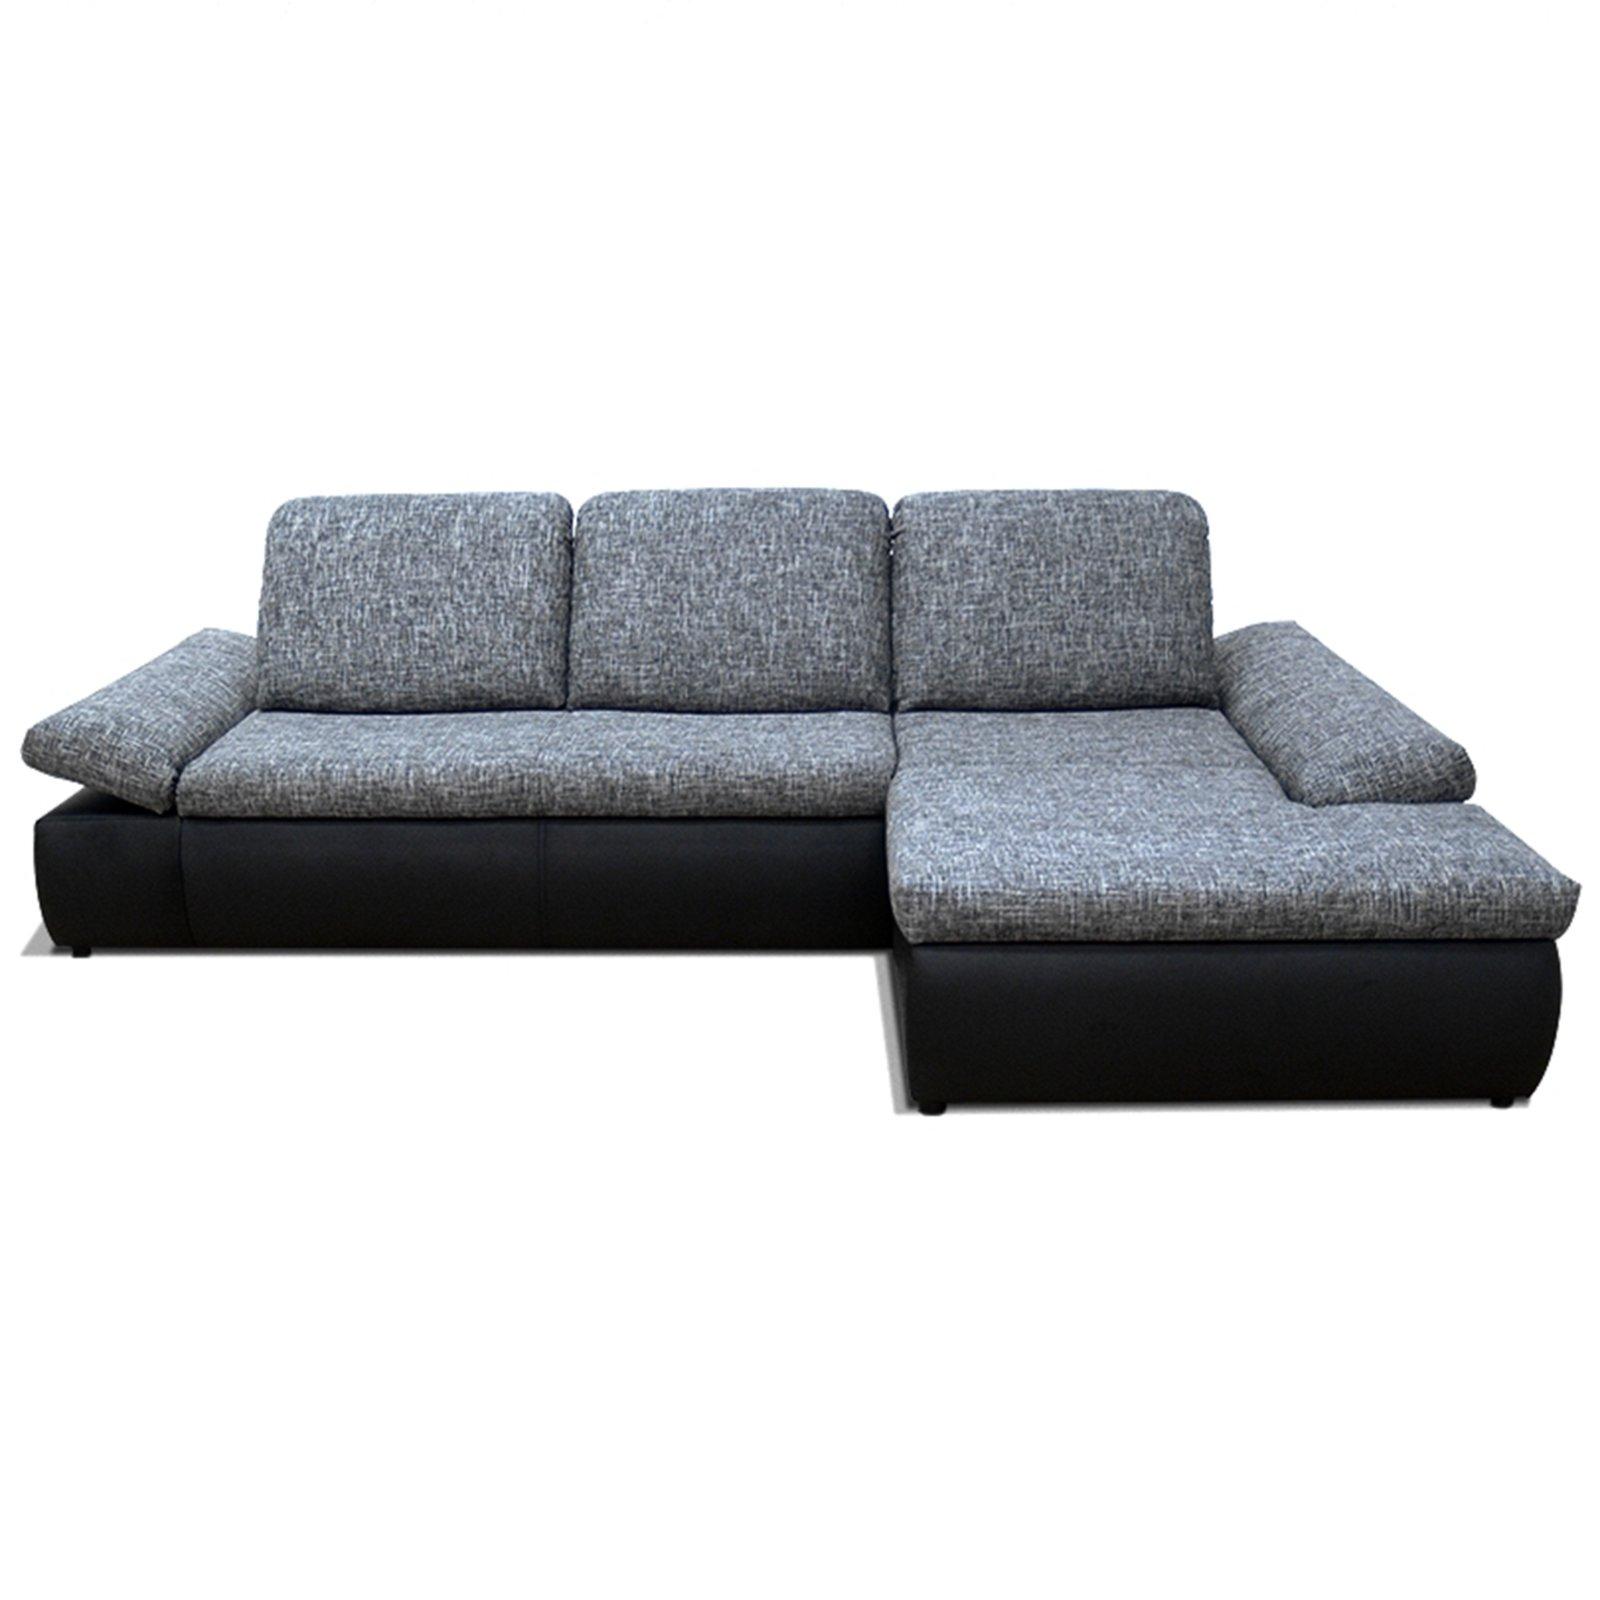 polsterecke dunkelgrau schwarz sitztiefenverstellung recamiere rechts ecksofas l form. Black Bedroom Furniture Sets. Home Design Ideas